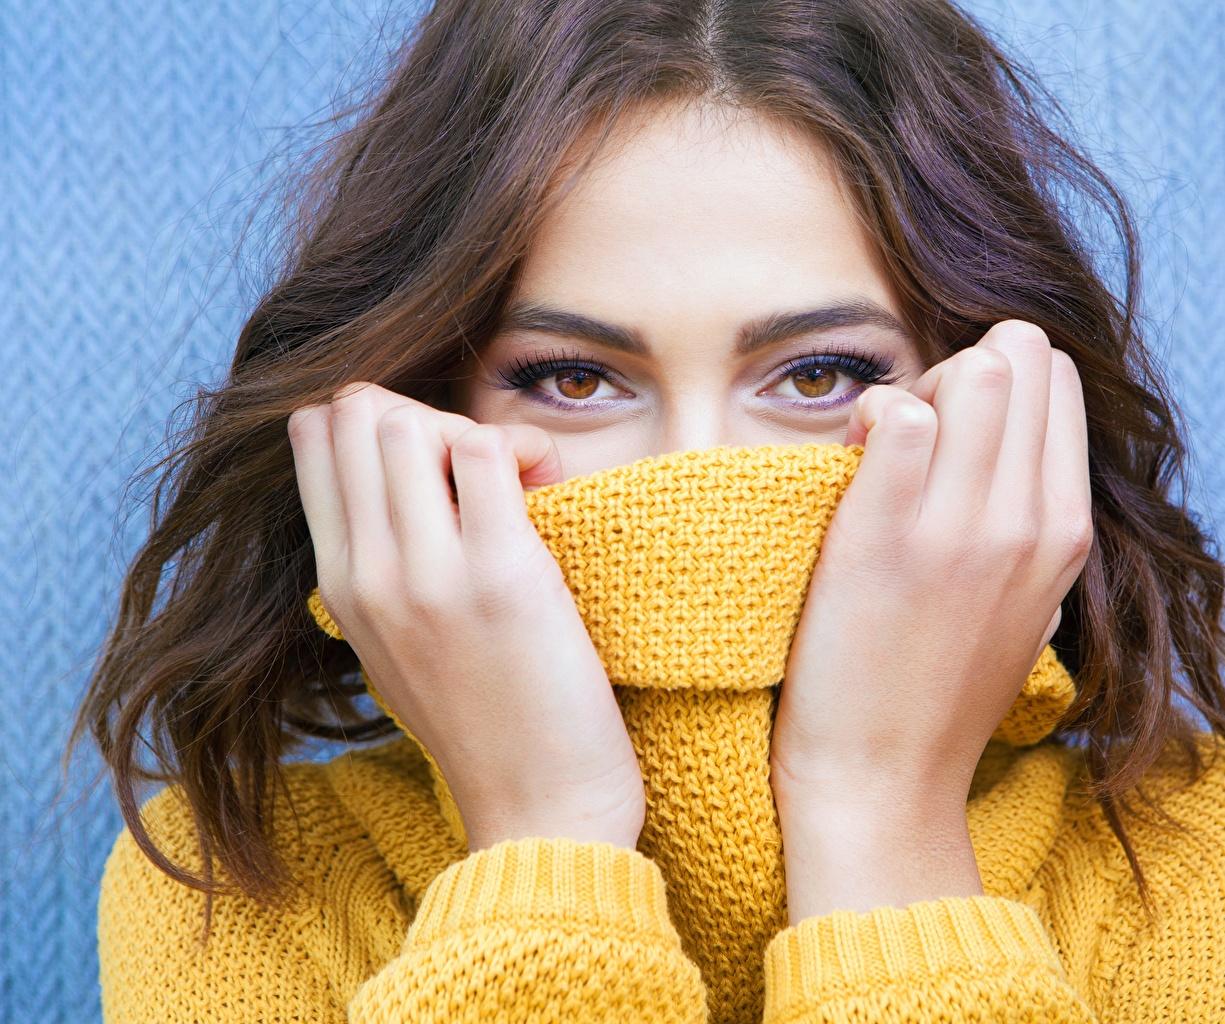 Фотографии Глаза шатенки молодые женщины Свитер рука Взгляд Шатенка девушка Девушки молодая женщина свитера свитере Руки смотрят смотрит